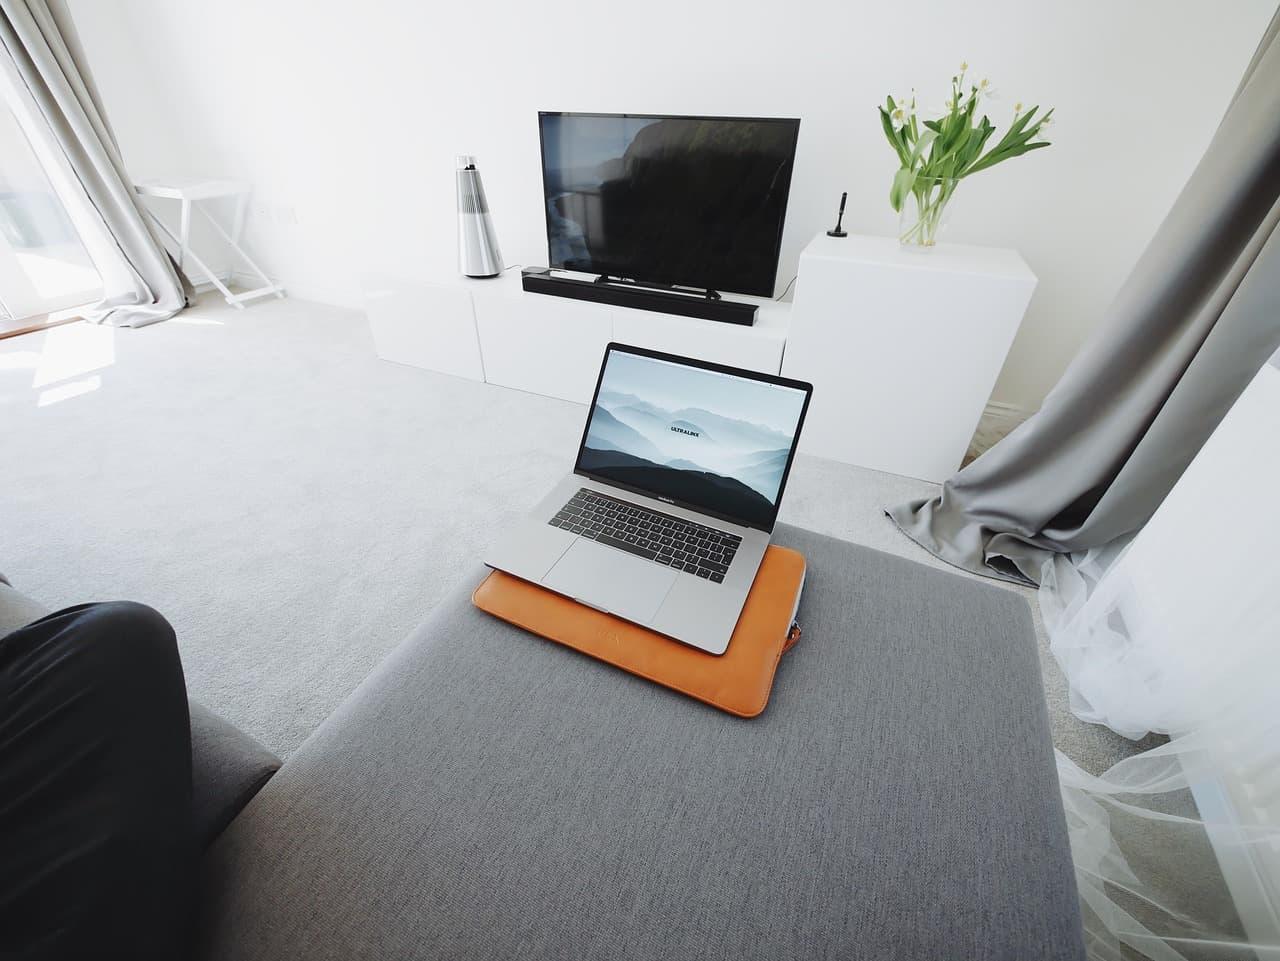 Kaip prijungti kompiuterį prie televizoriaus per Wi-Fi